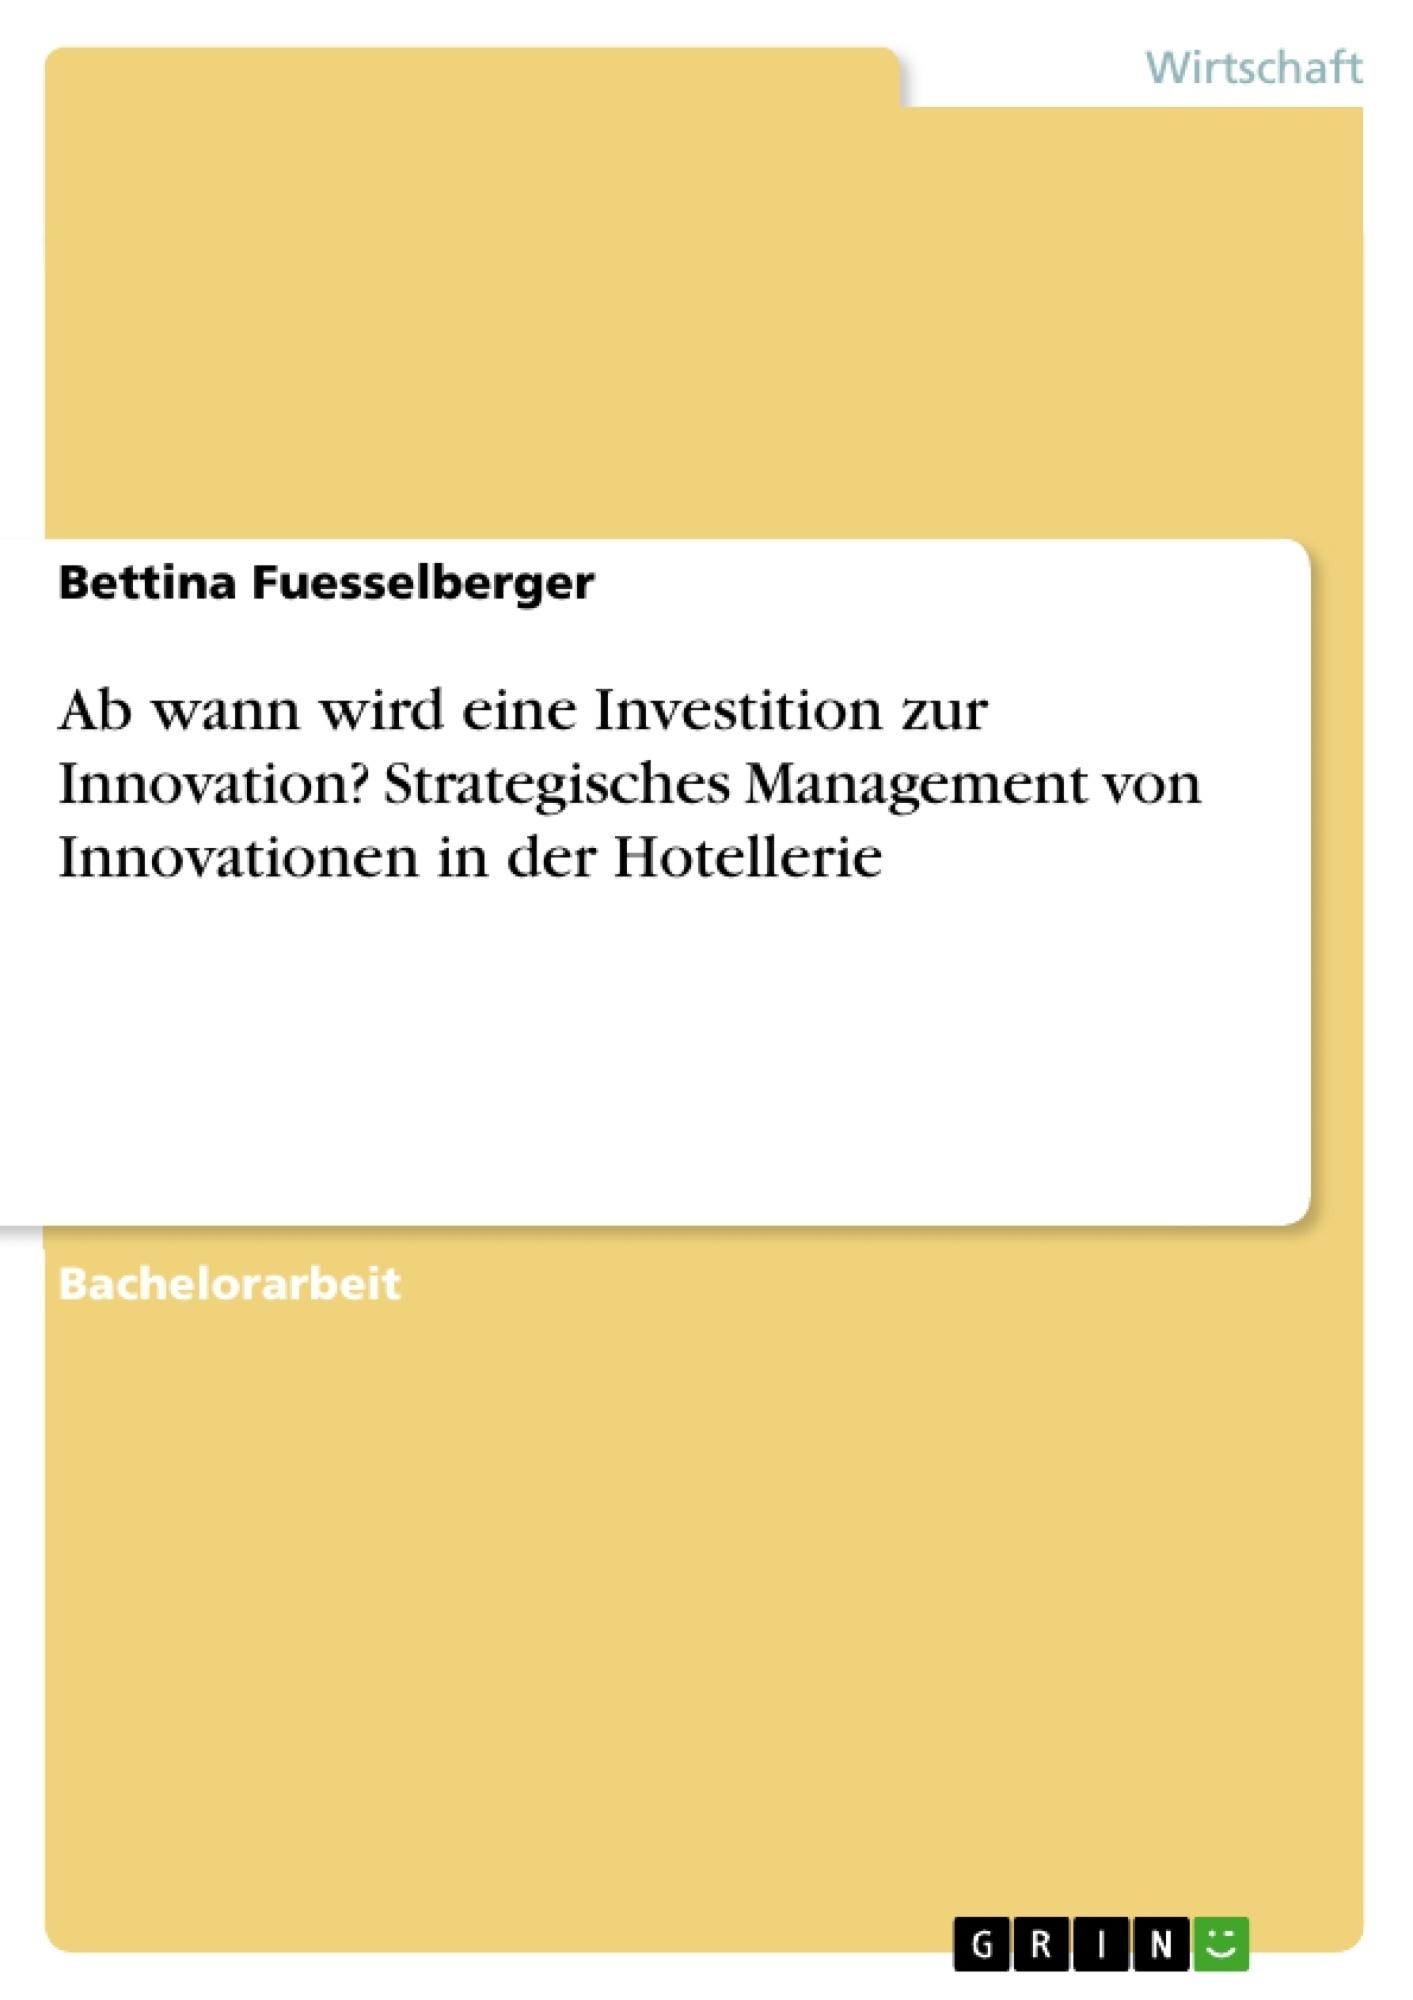 Titel: Ab wann wird eine Investition zur Innovation? Strategisches Management von Innovationen in der Hotellerie